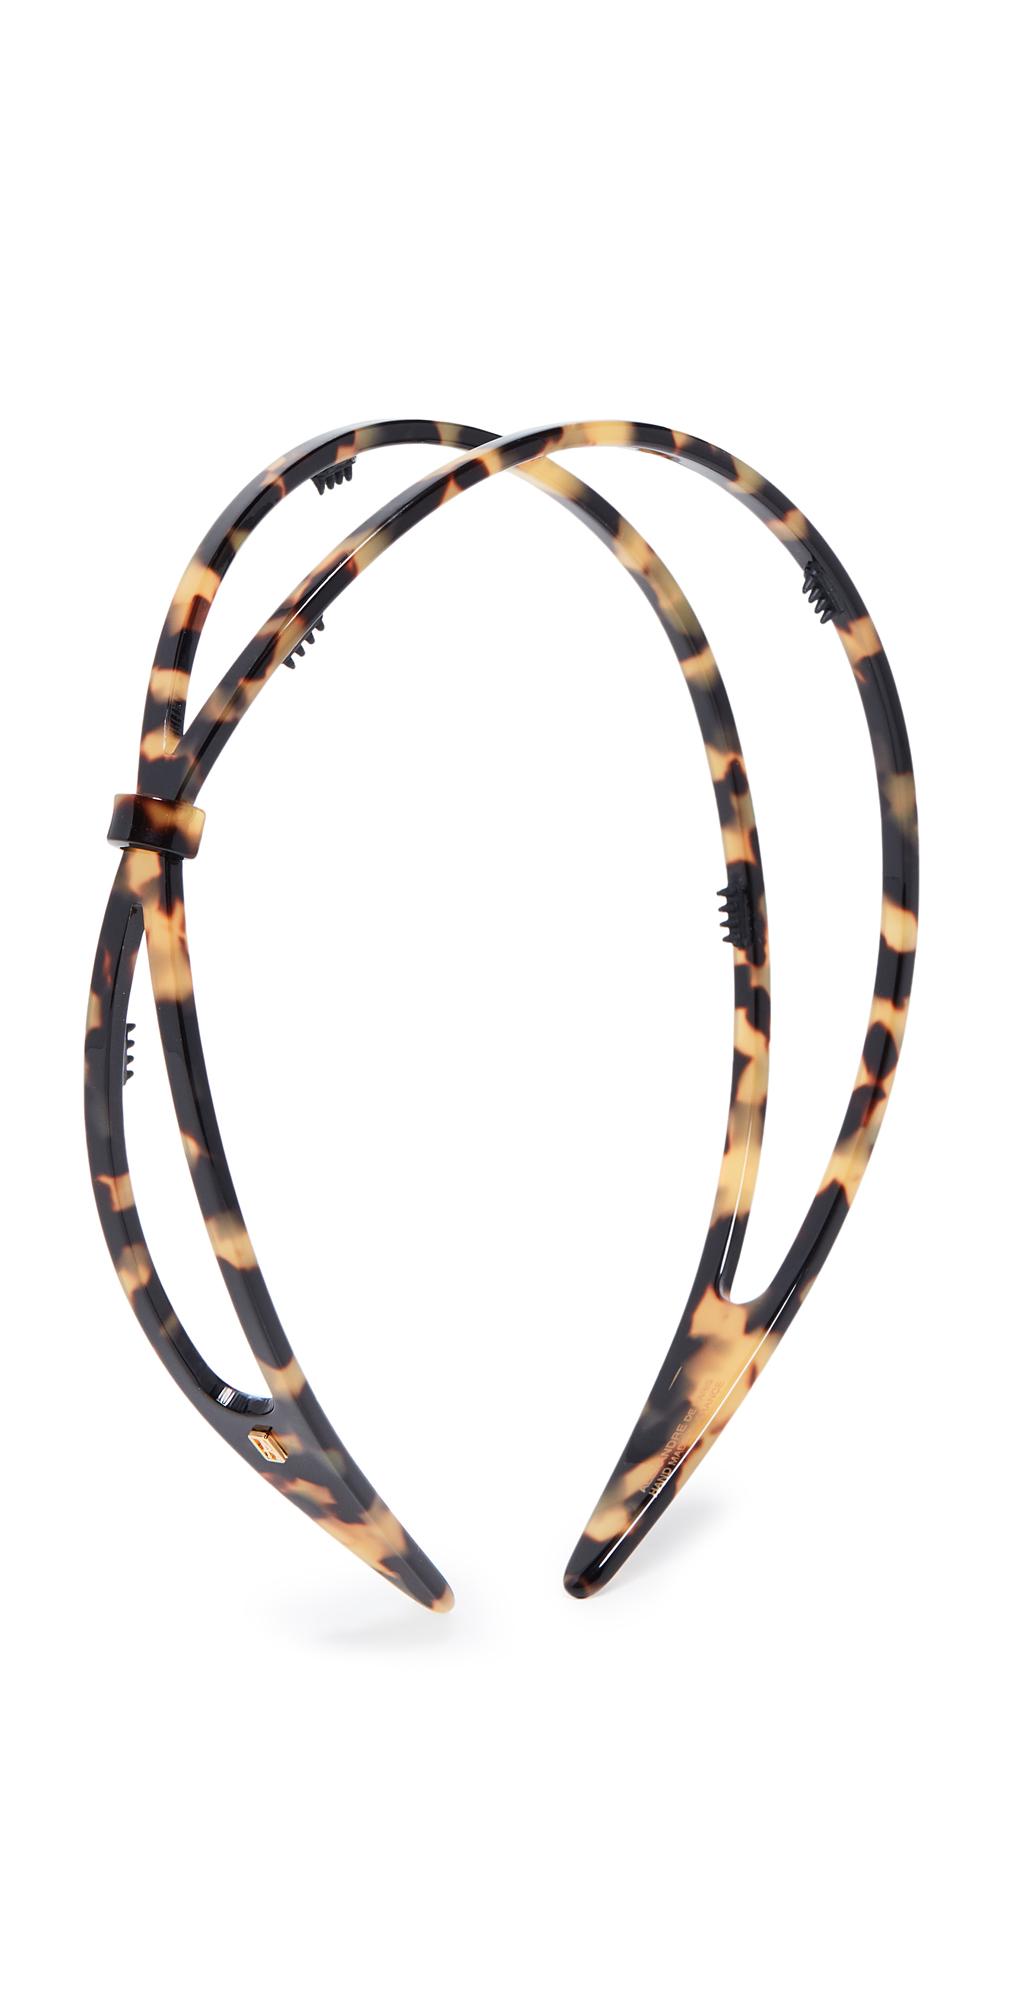 Hard Headband